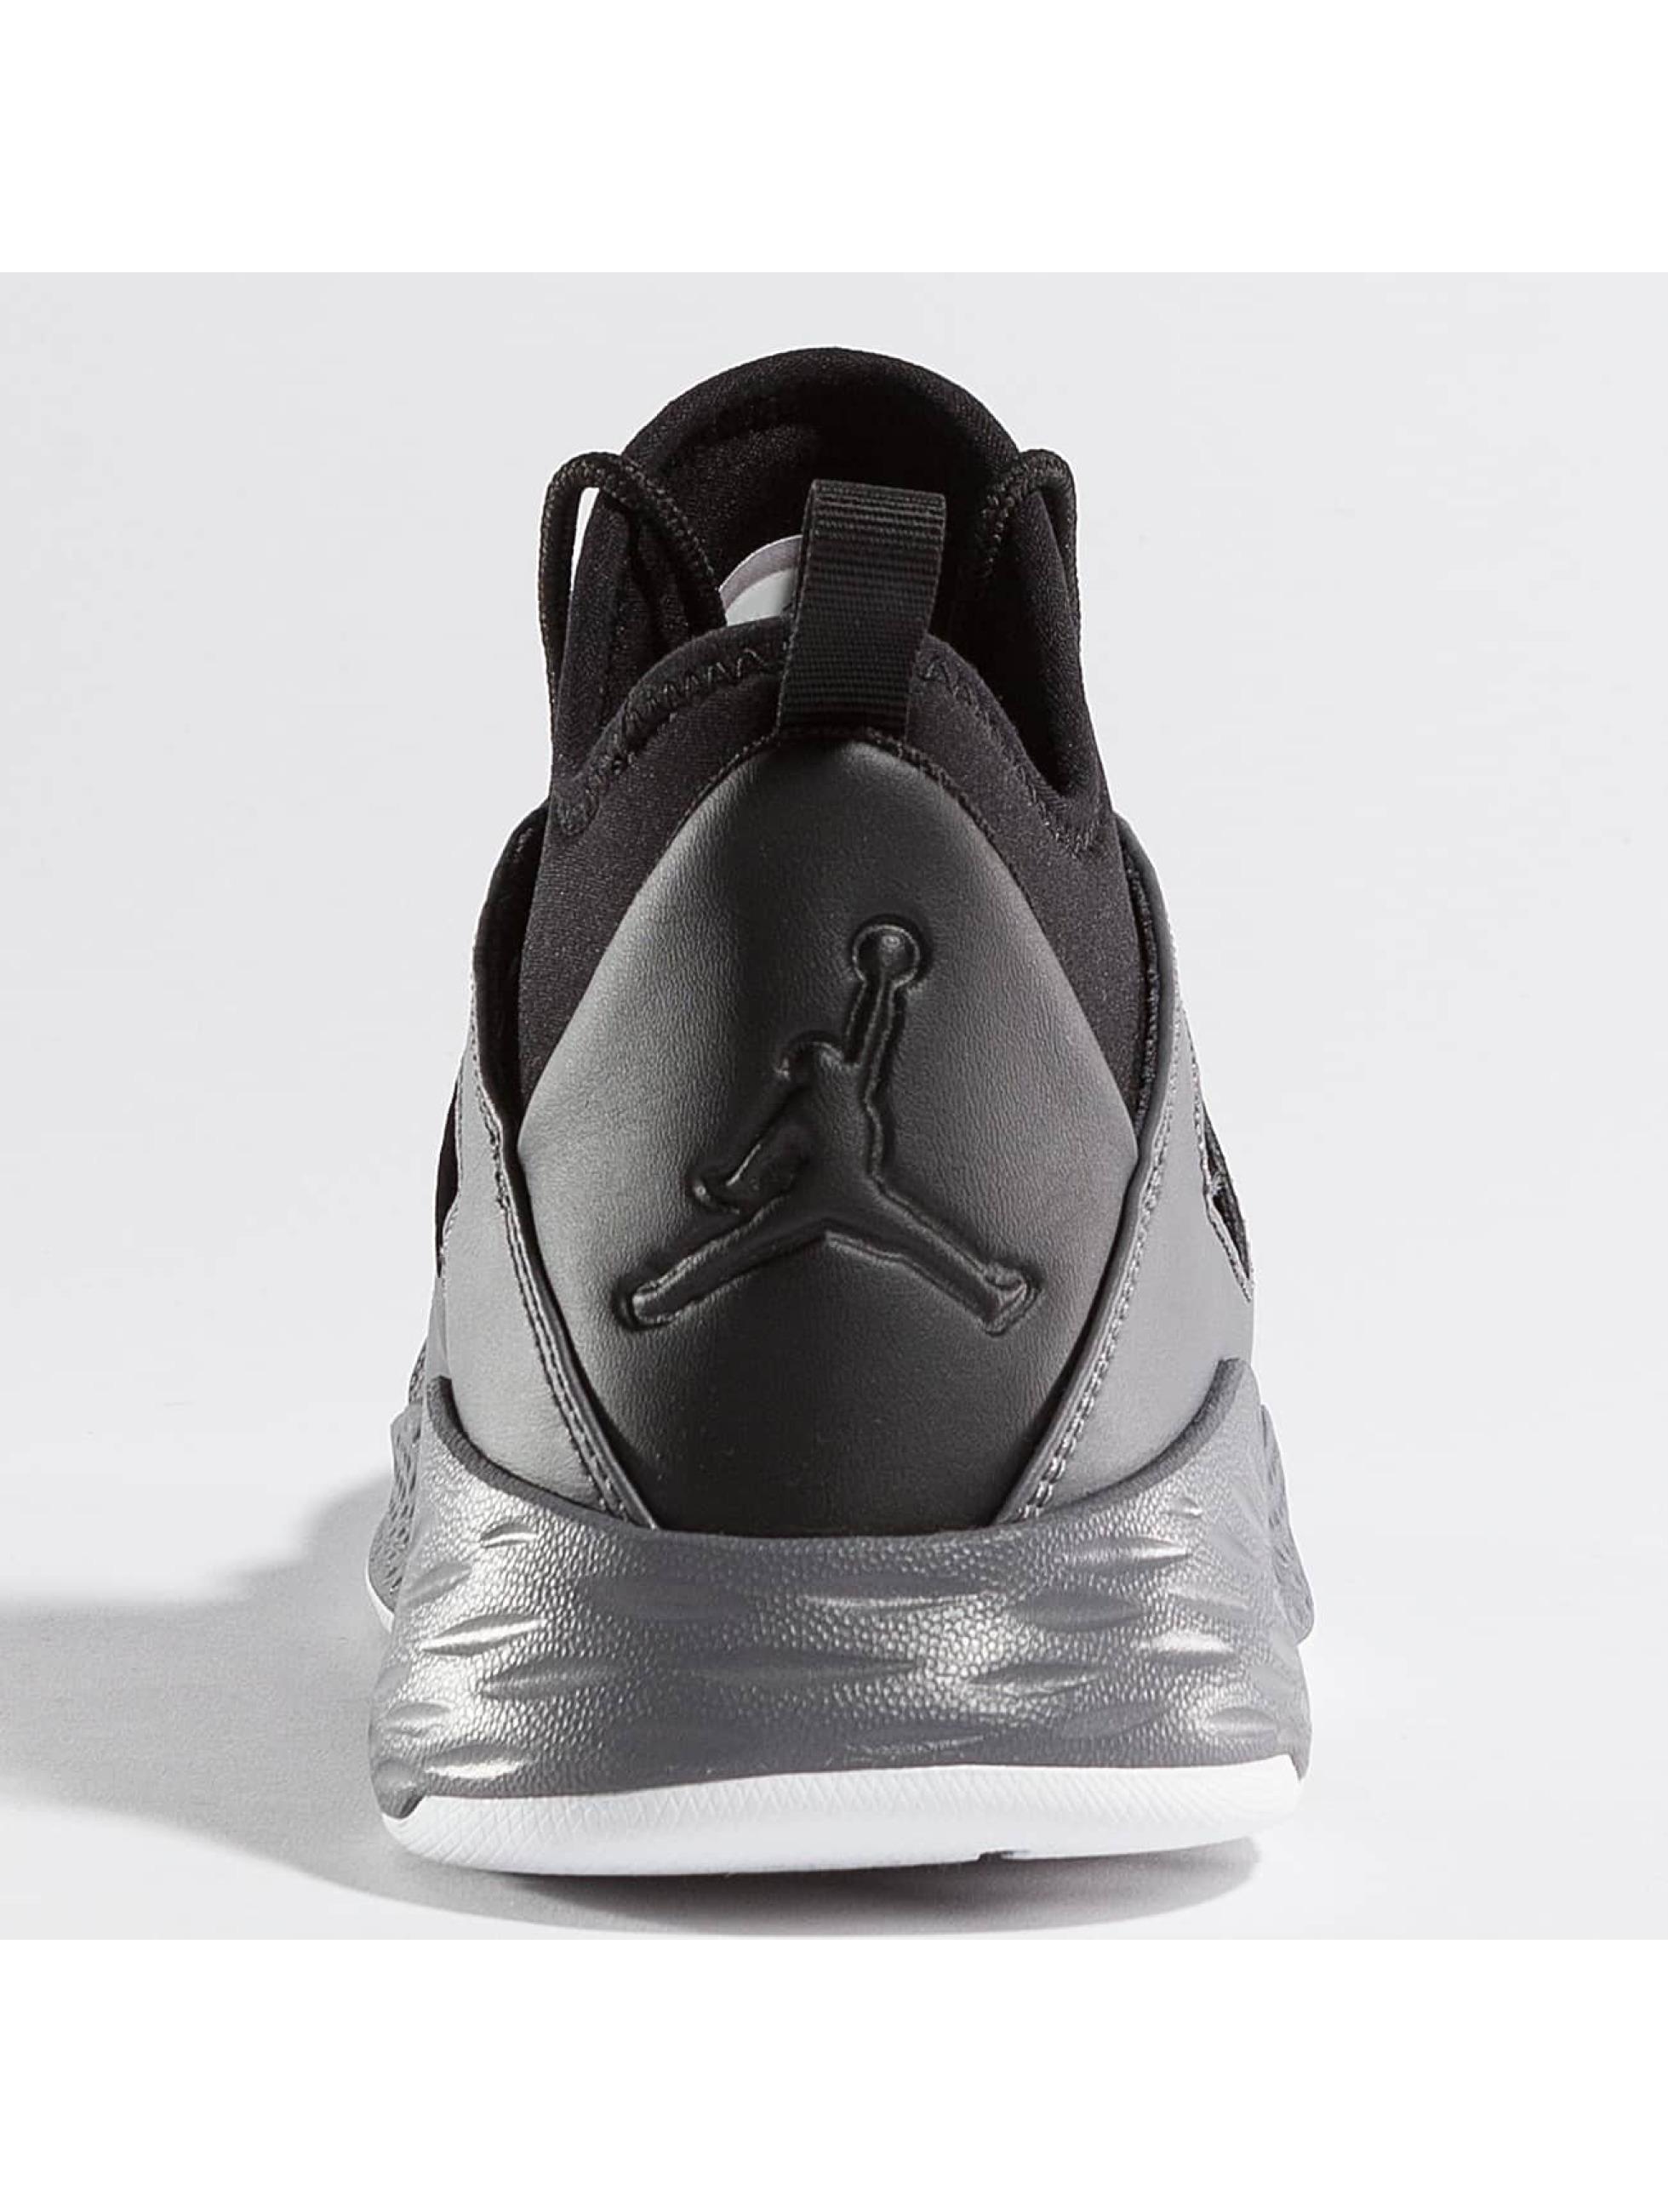 Jordan Sneakers Formula 23 black